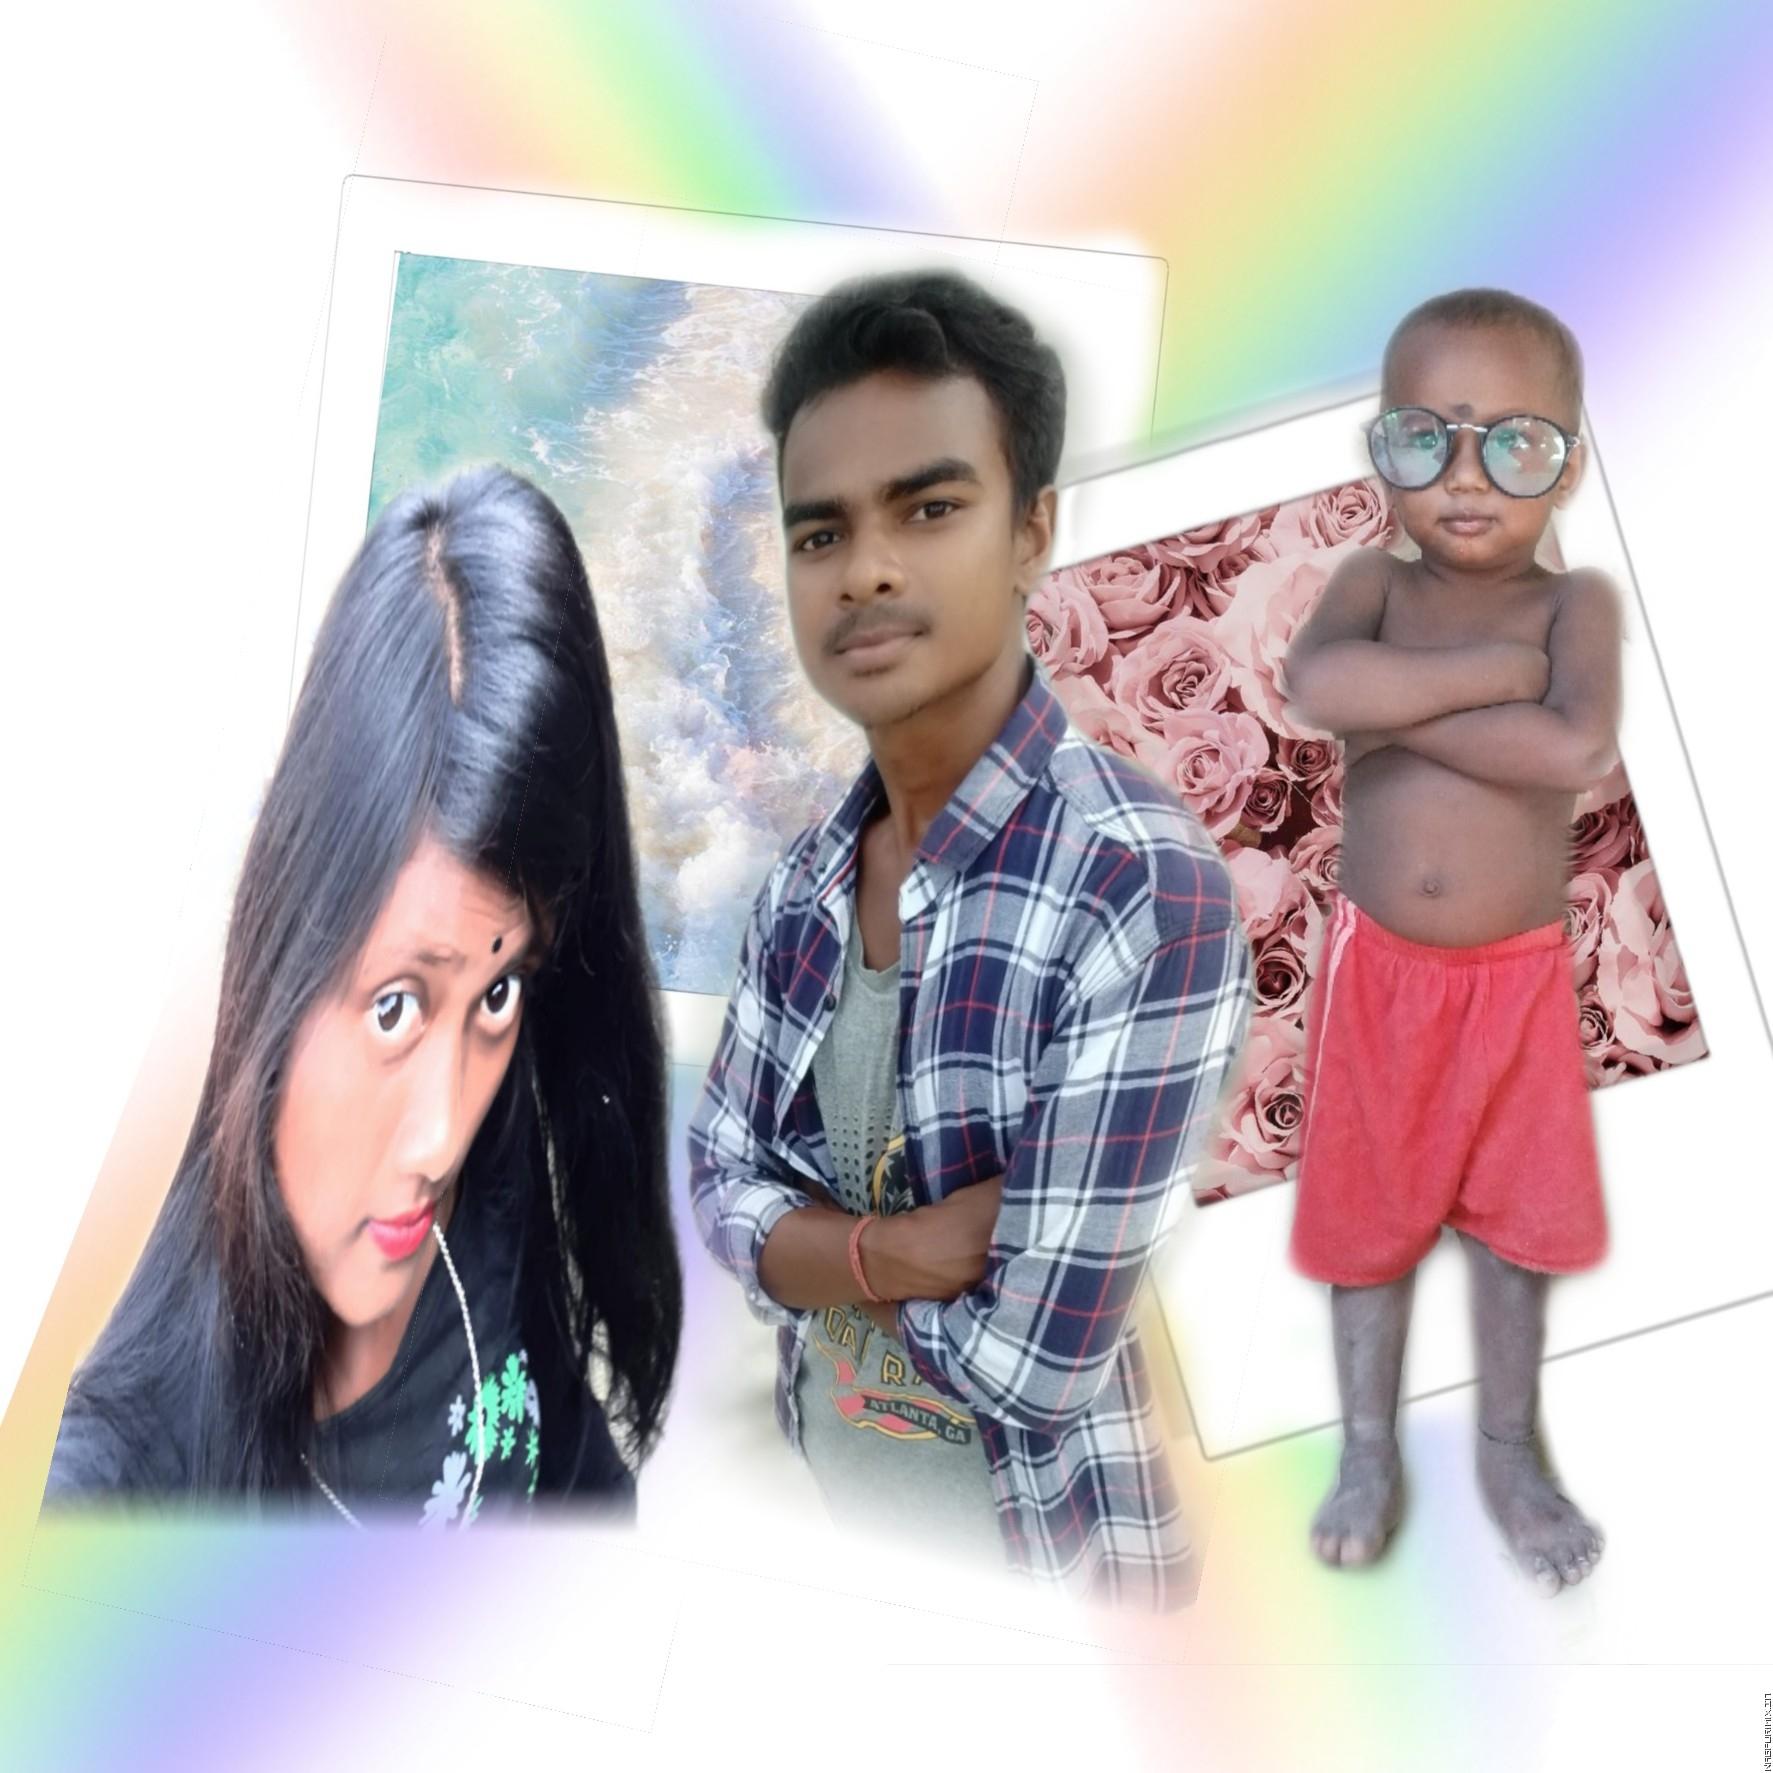 Bhigi Bhigi Raton Main Bingene Guiya Toyo Barsaat Me Singer_Sudhir Mahili New Nagpuri Hits song.mp3